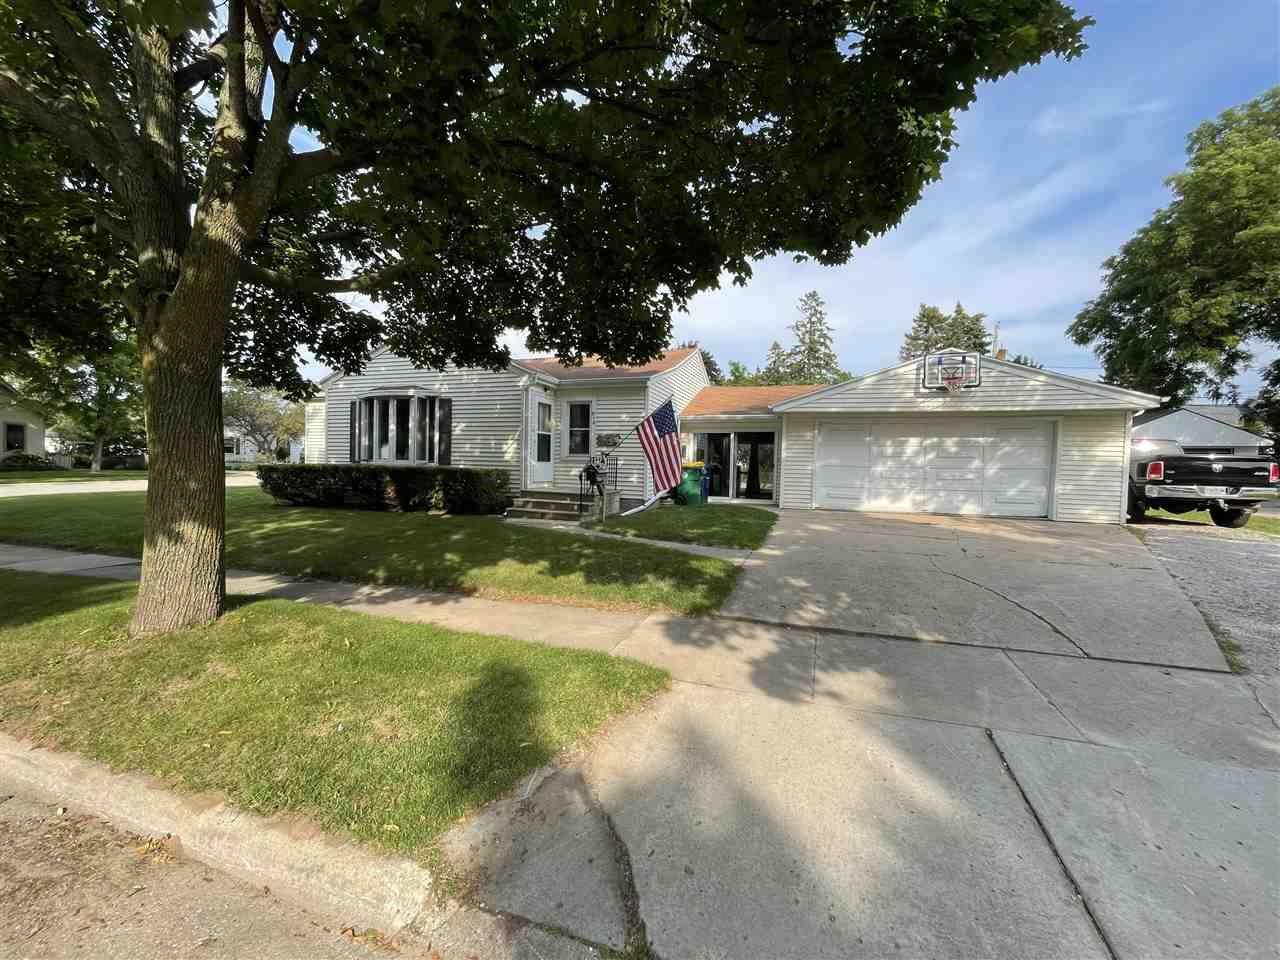 918 N PLATTEN Street, Green Bay, WI 54303 - MLS#: 50244576